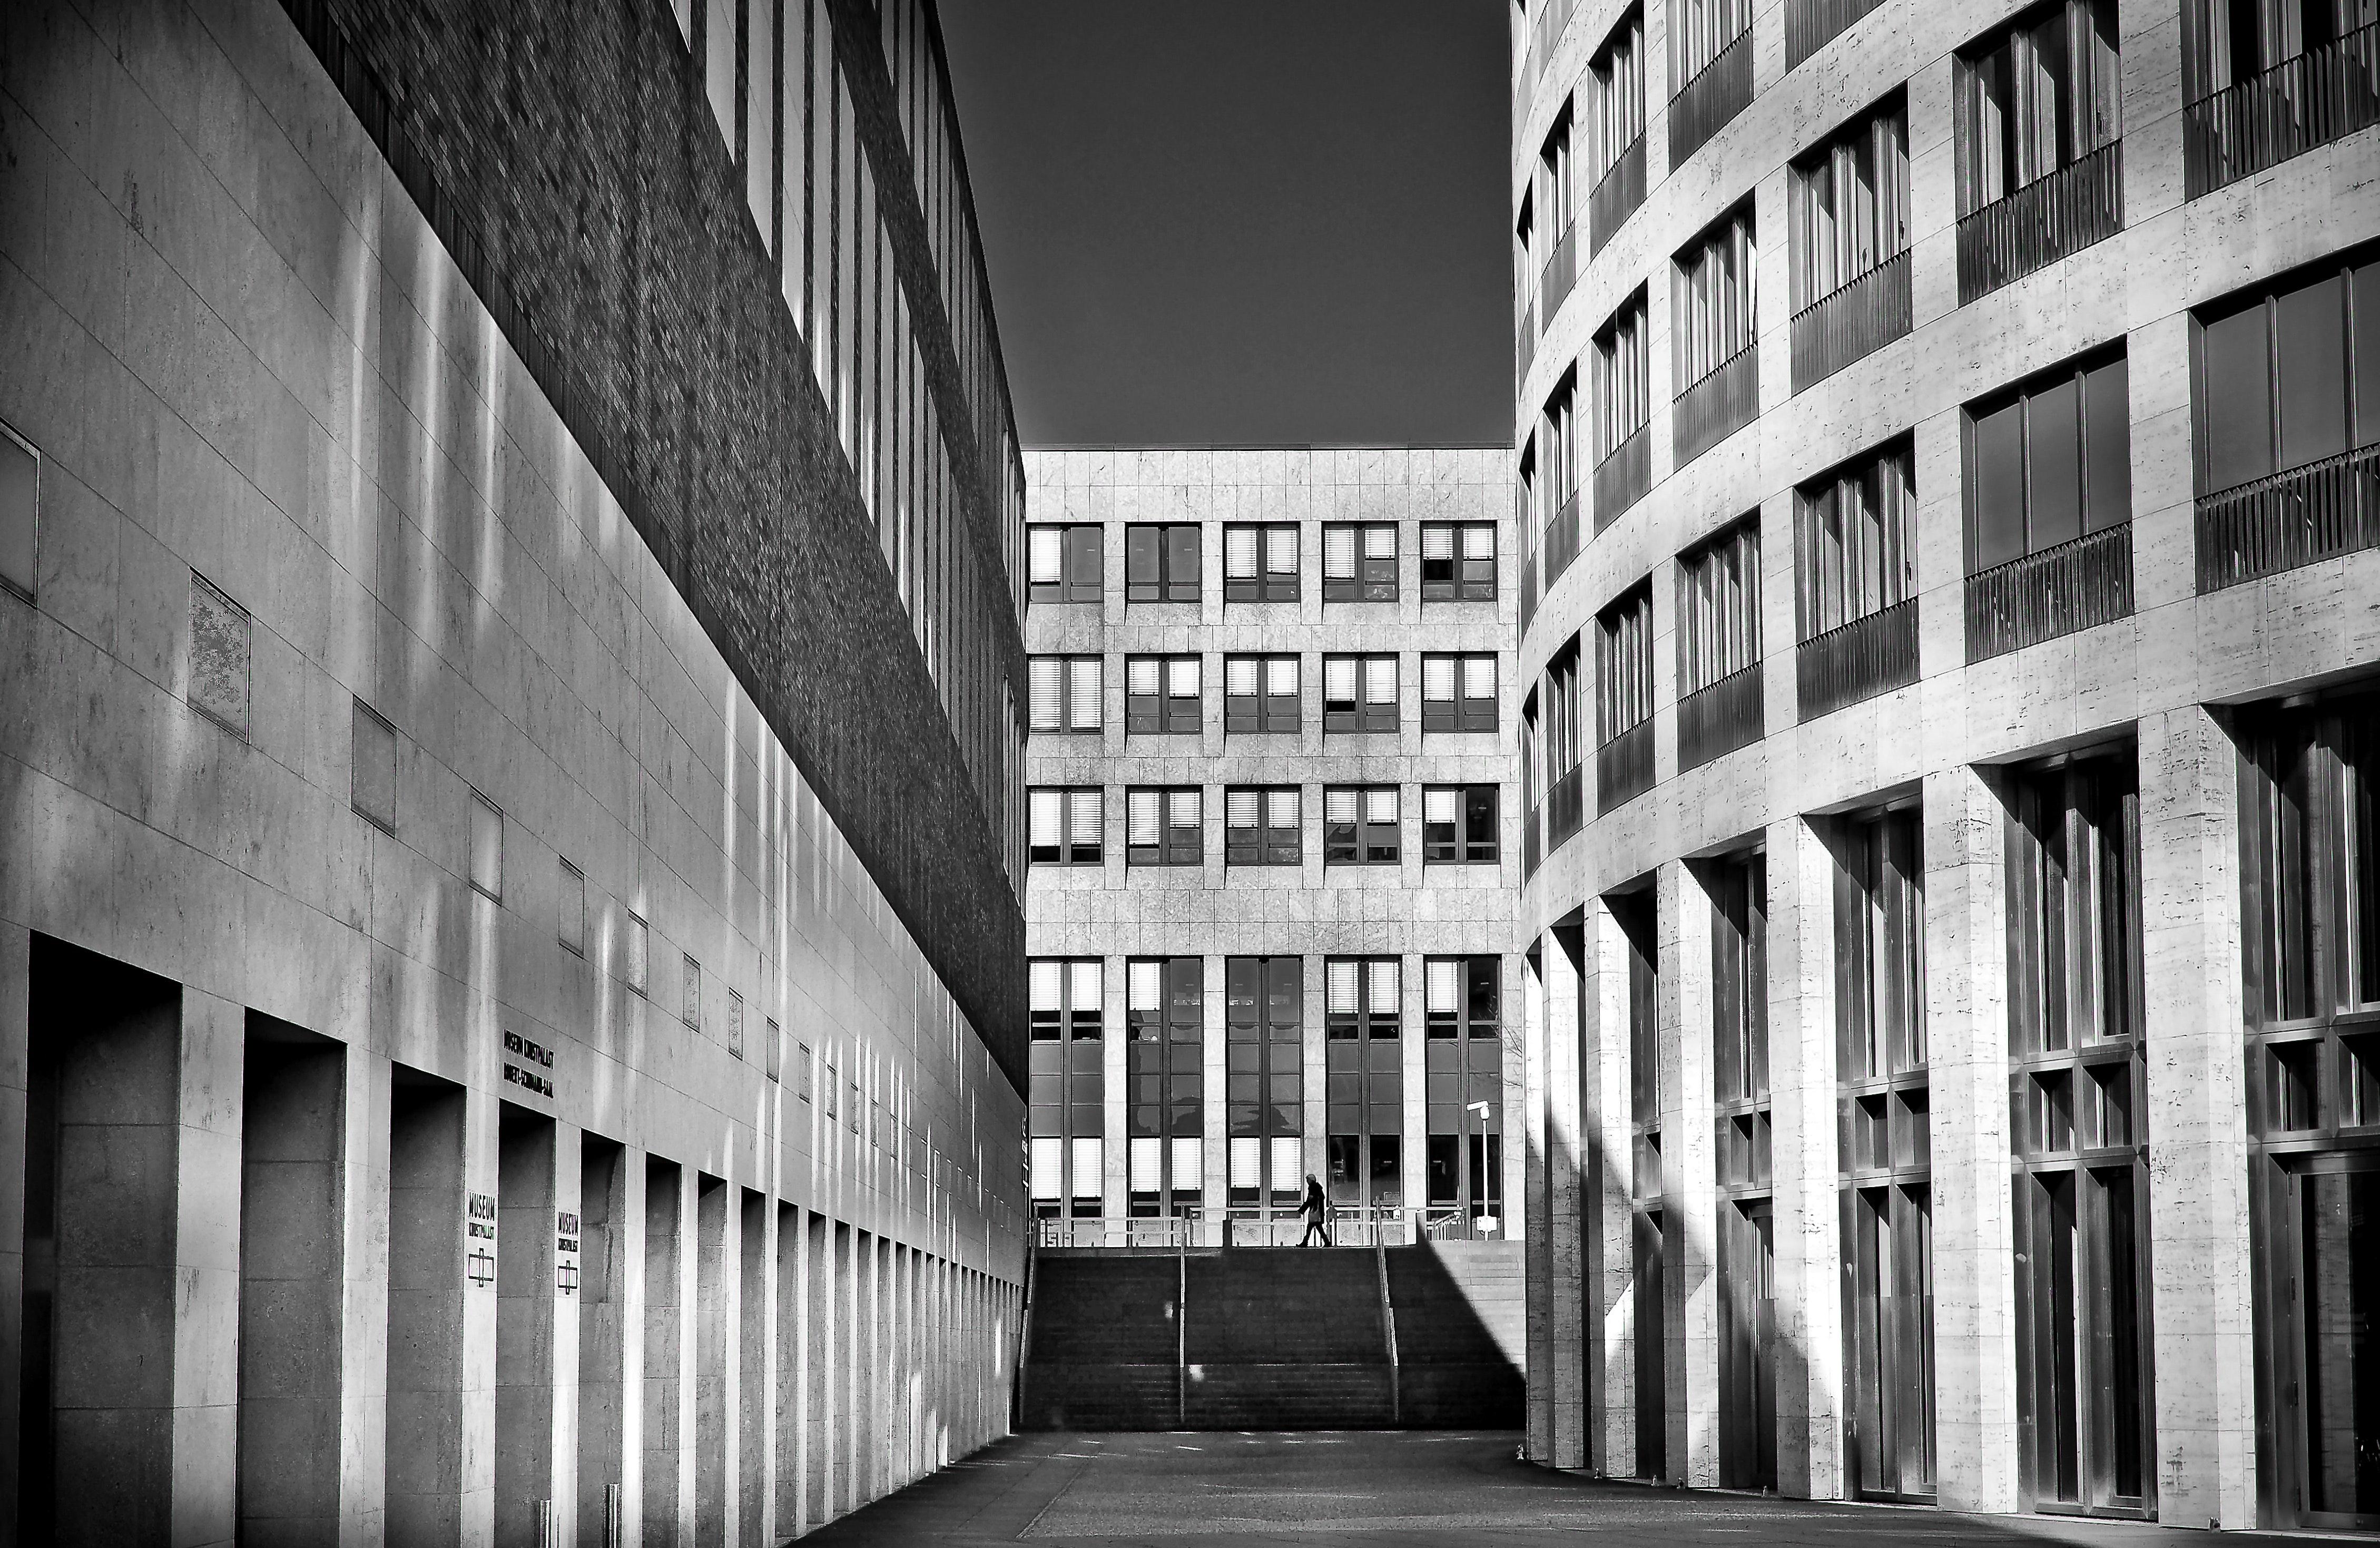 Gambar Arsitektur Hitam Dan Putih Beton Pusat Kota Jendela